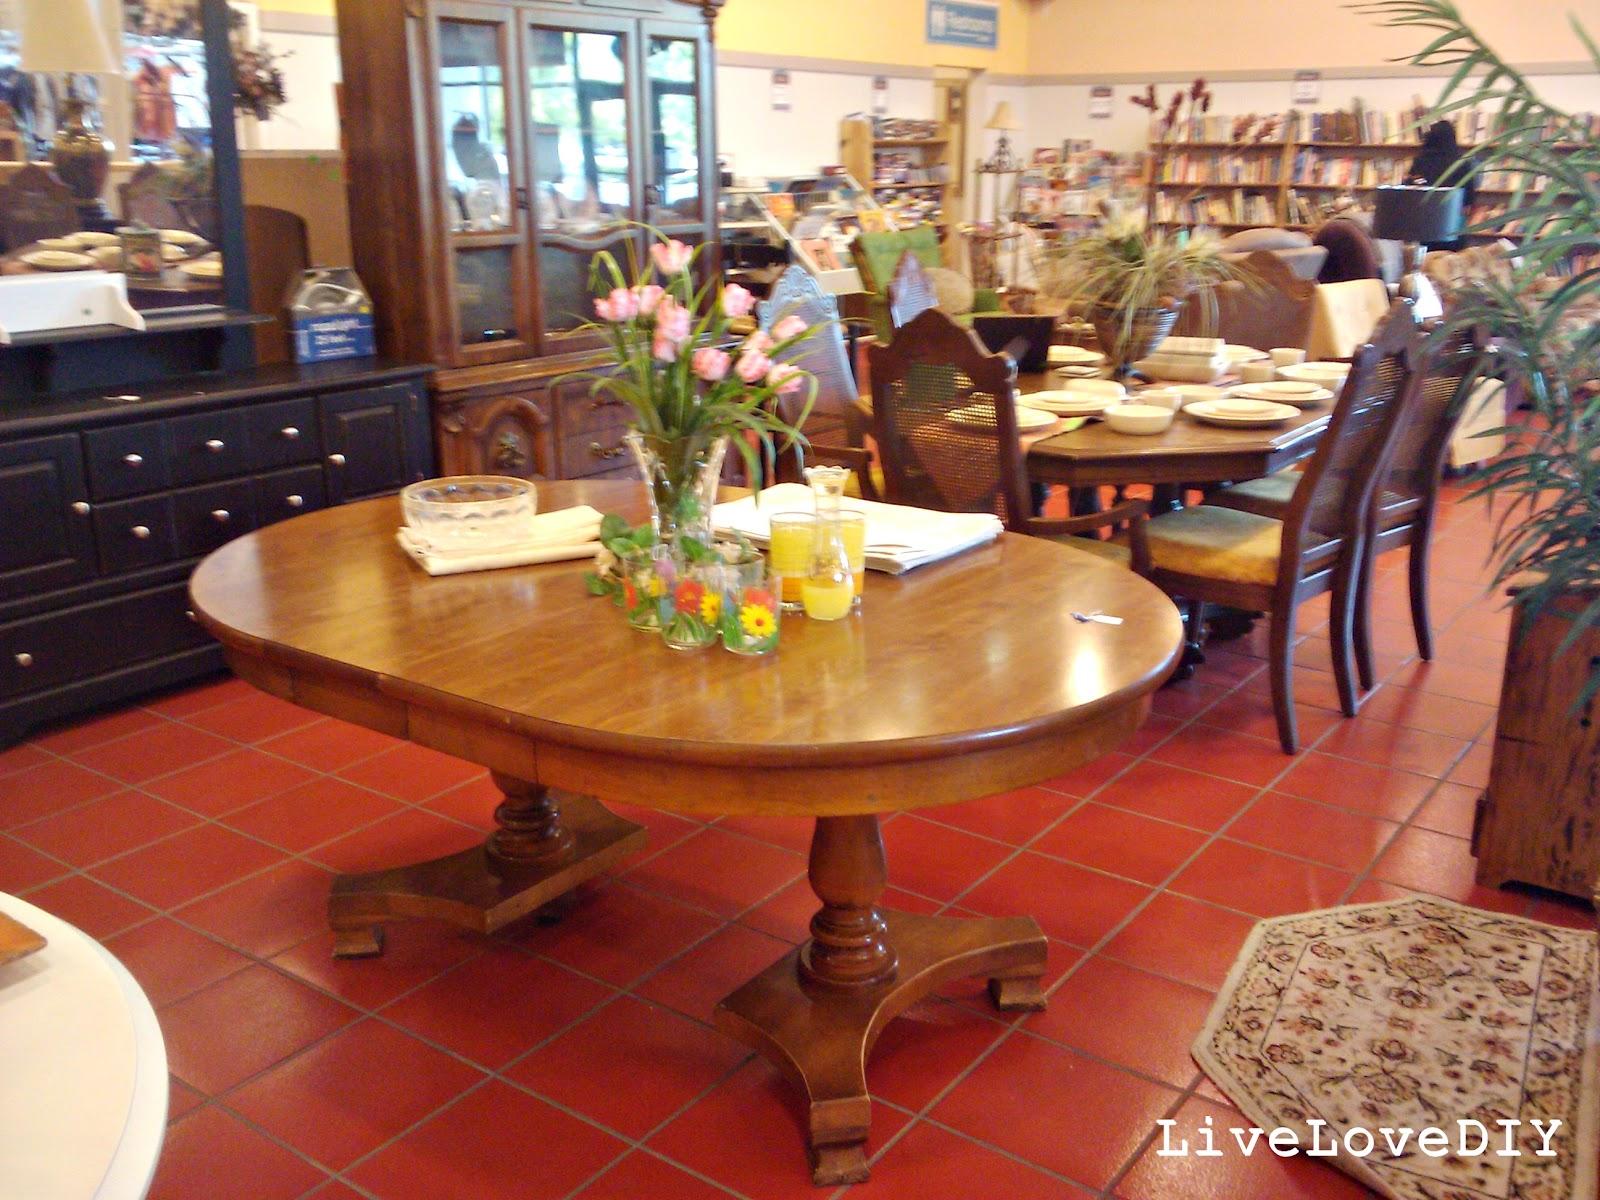 LiveLoveDIY: Thrift Store Shopping Tips